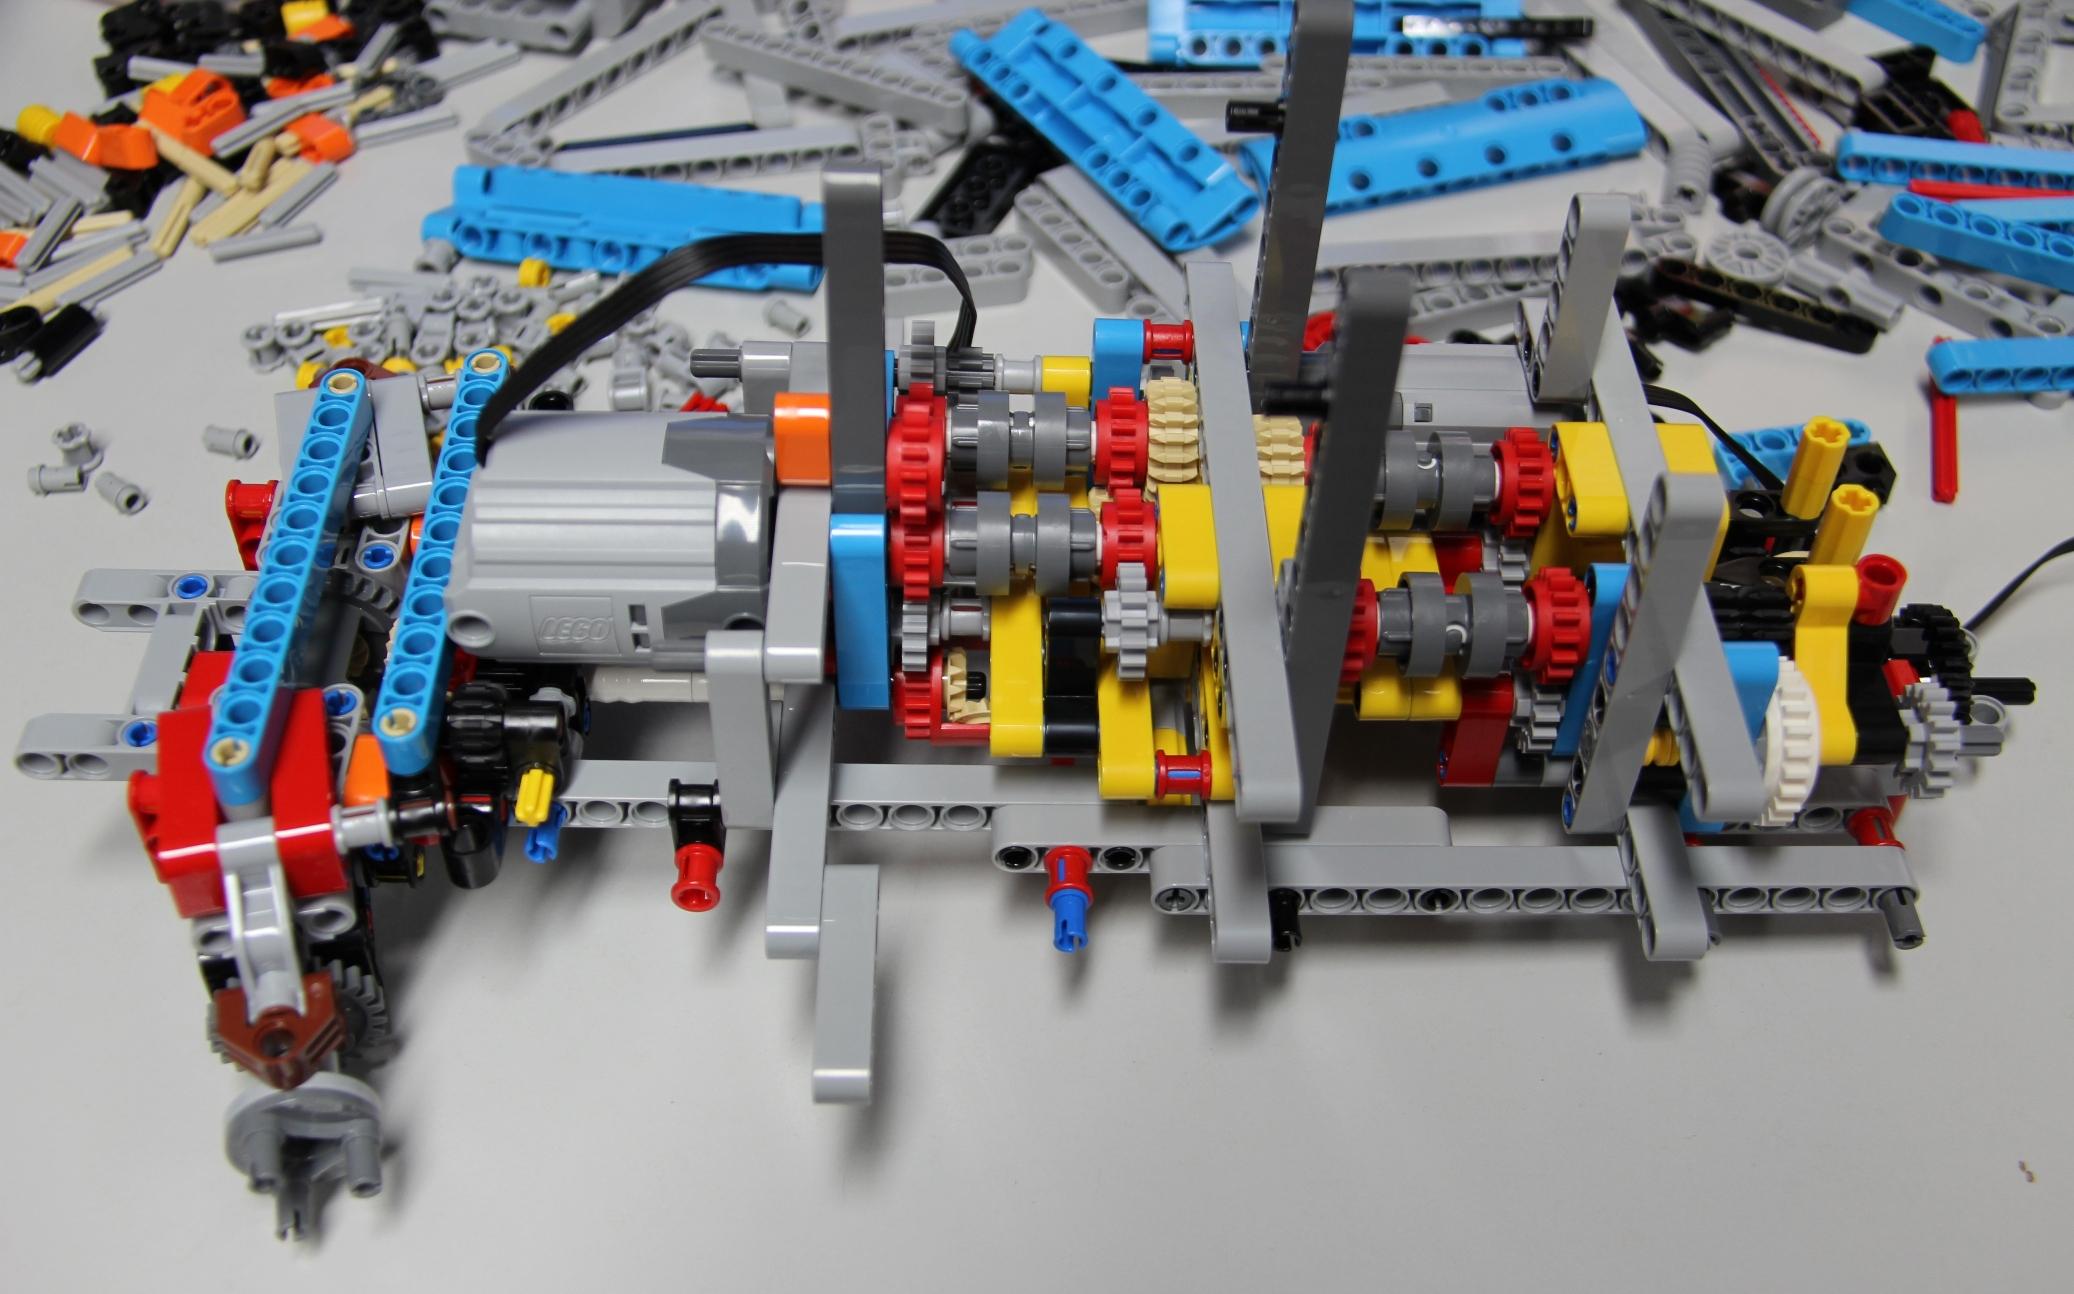 Lego Technic Allrad Abschleppwagen 42070 Im Review Zusammengebaut